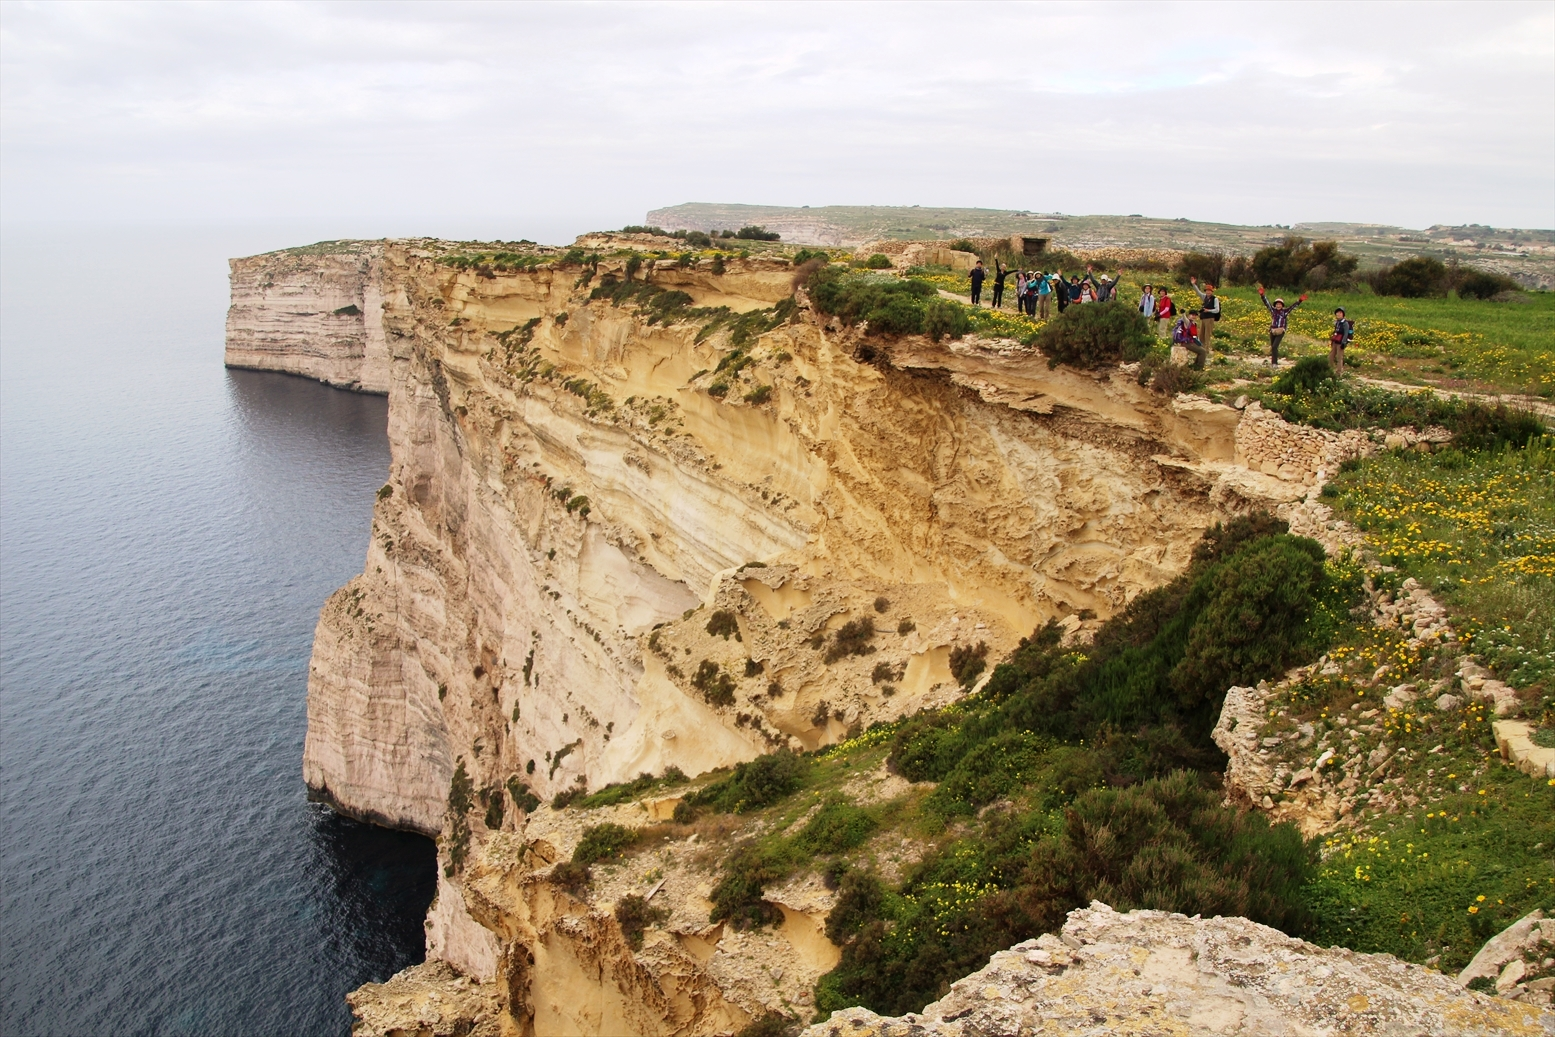 3月6日出発「春の花咲くマルタ諸島ハイキングと世界遺産ヴァレッタ 8日間」